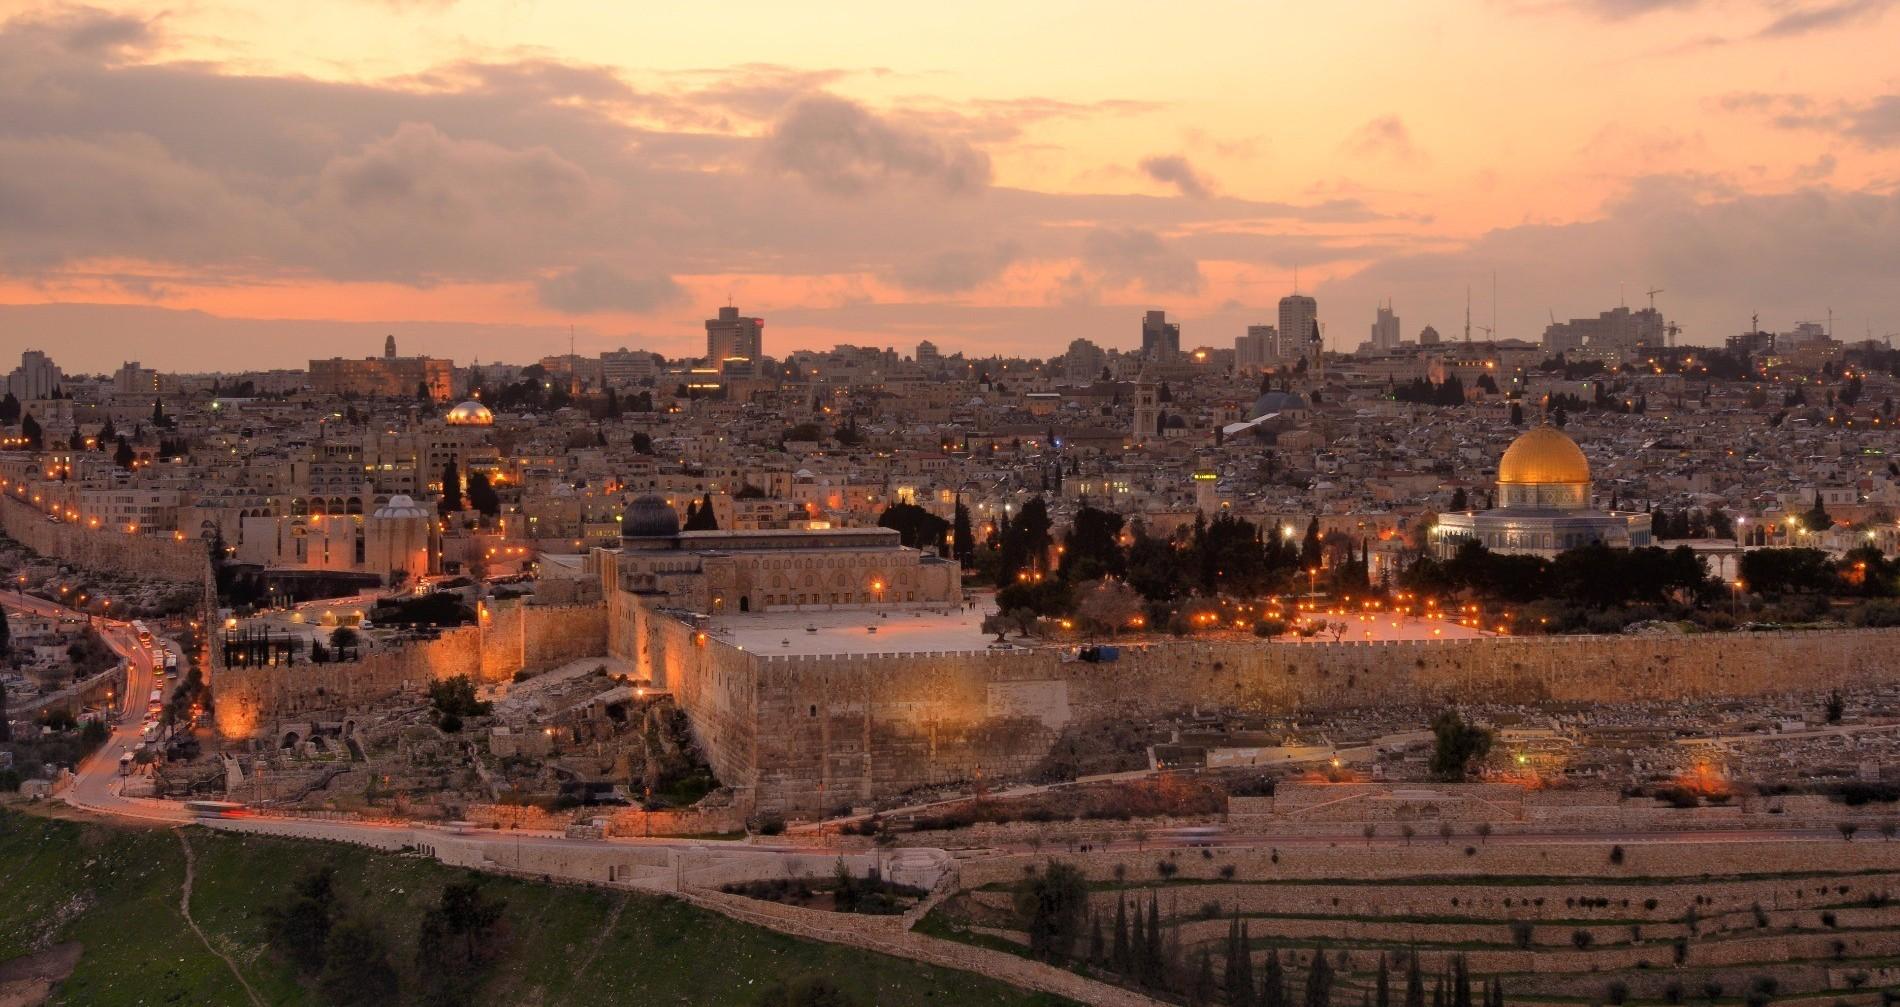 ירושלים בערב איכותי